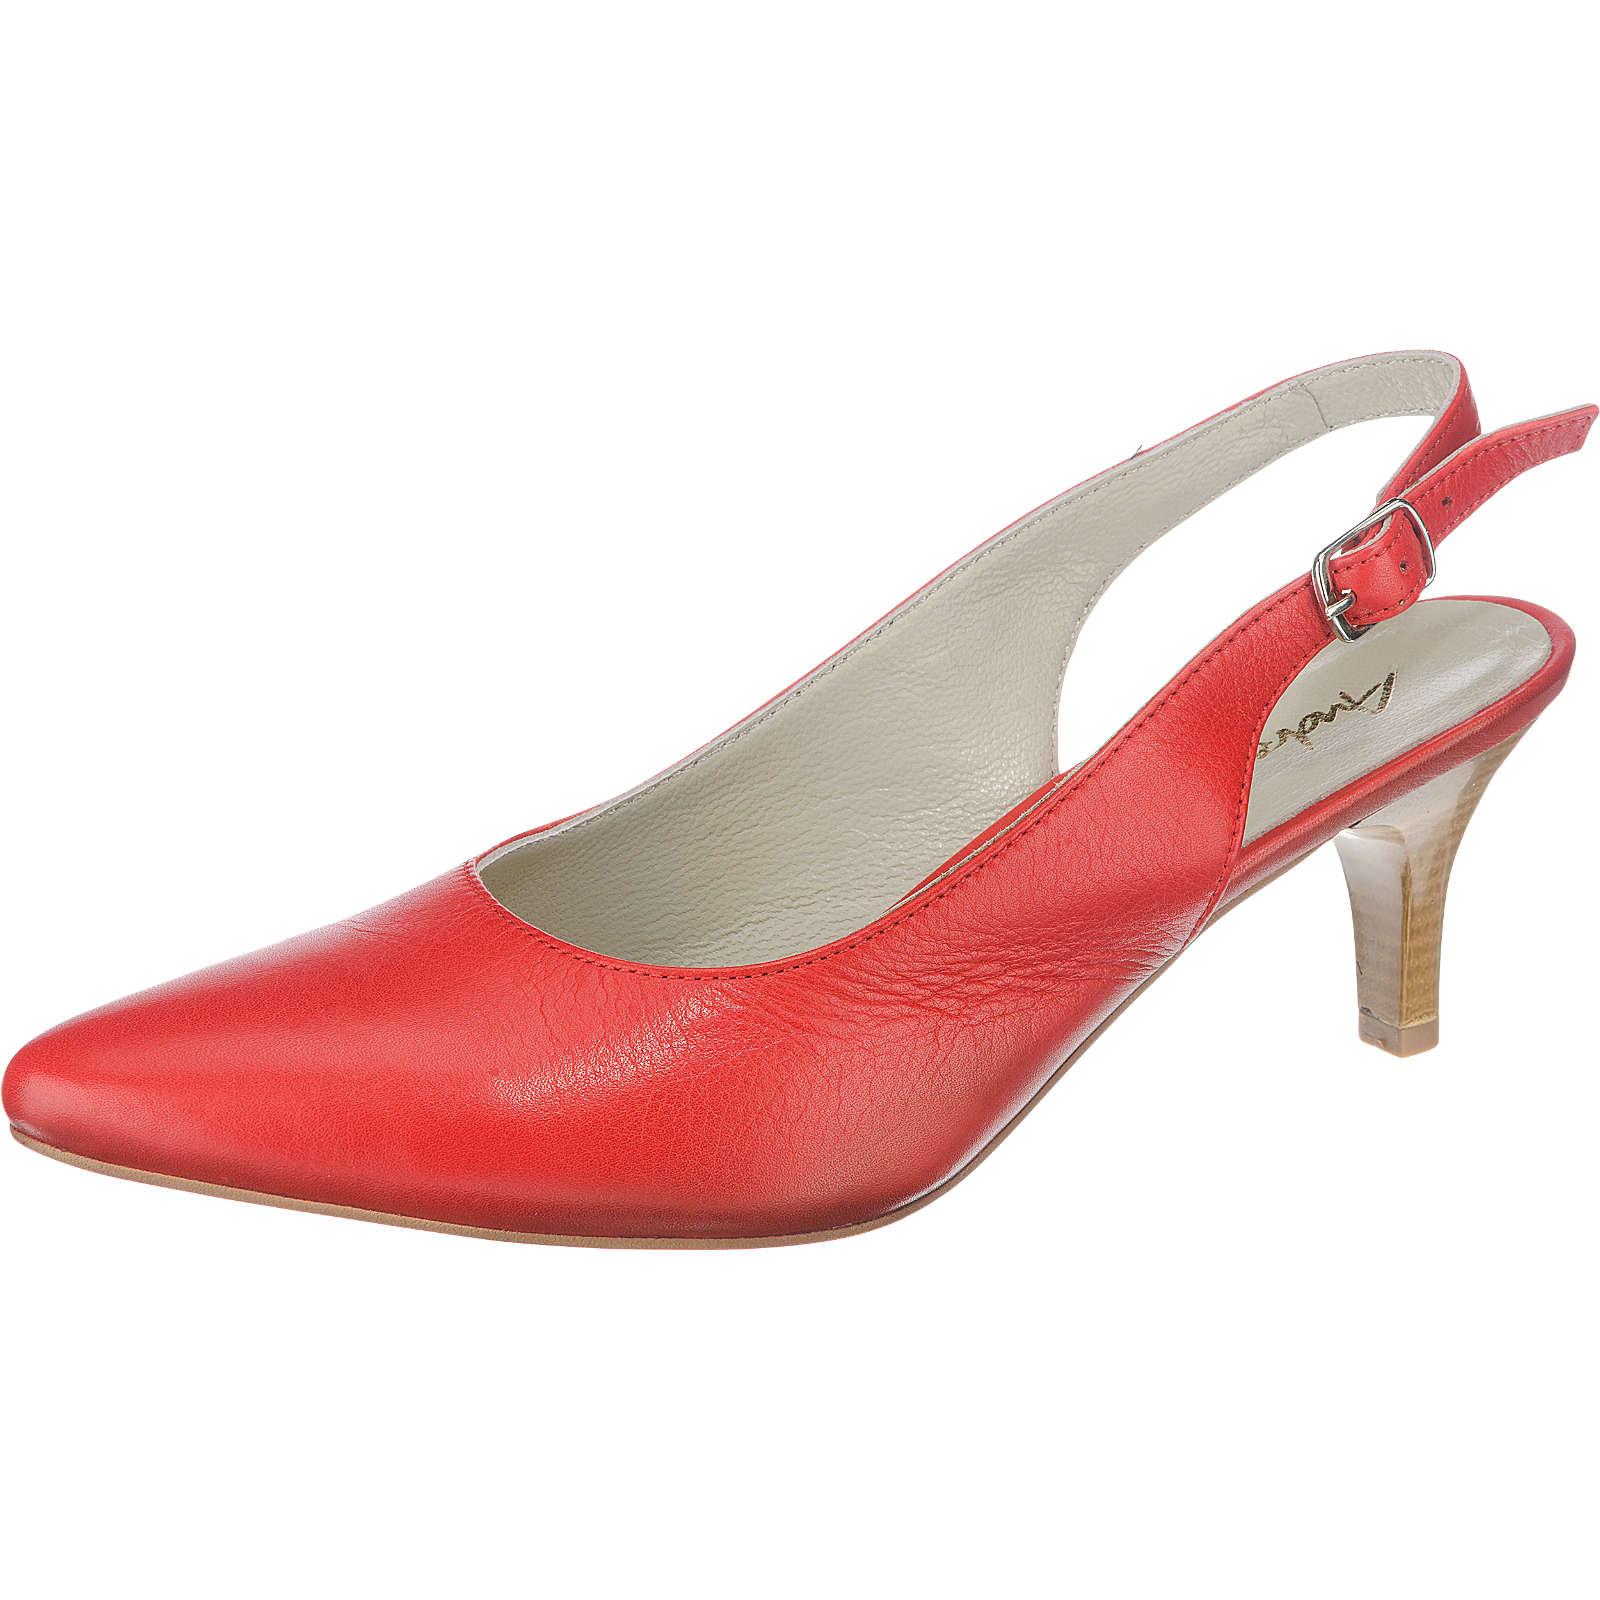 Andrea Conti Pumps rot Damen Gr. 41 jetztbilligerkaufen